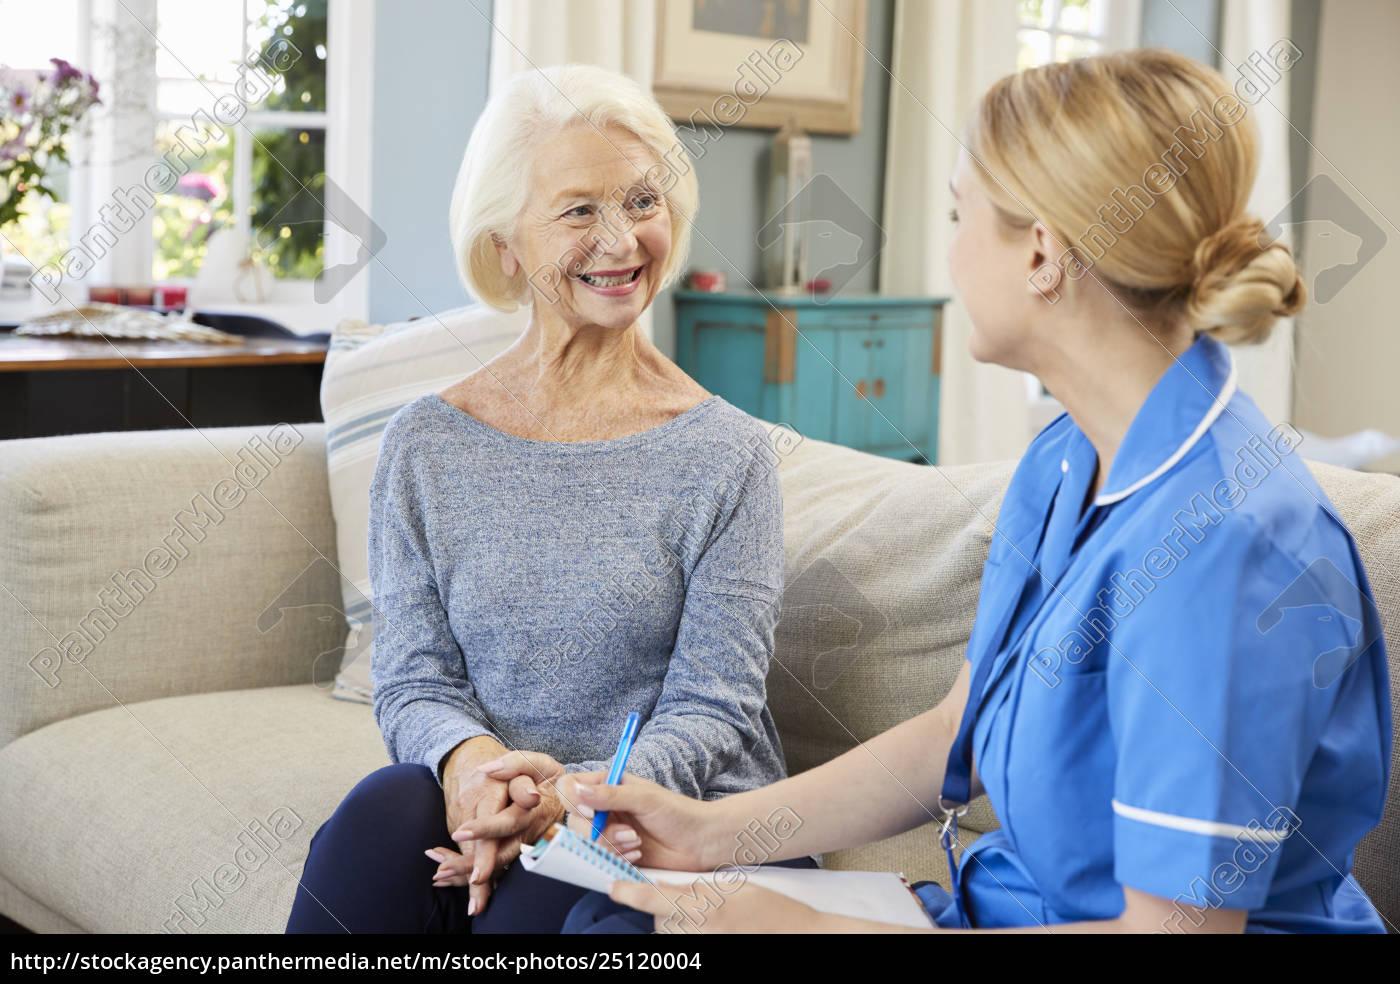 kobieta, community, pielęgniarka, odwiedza, starszy, kobieta - 25120004